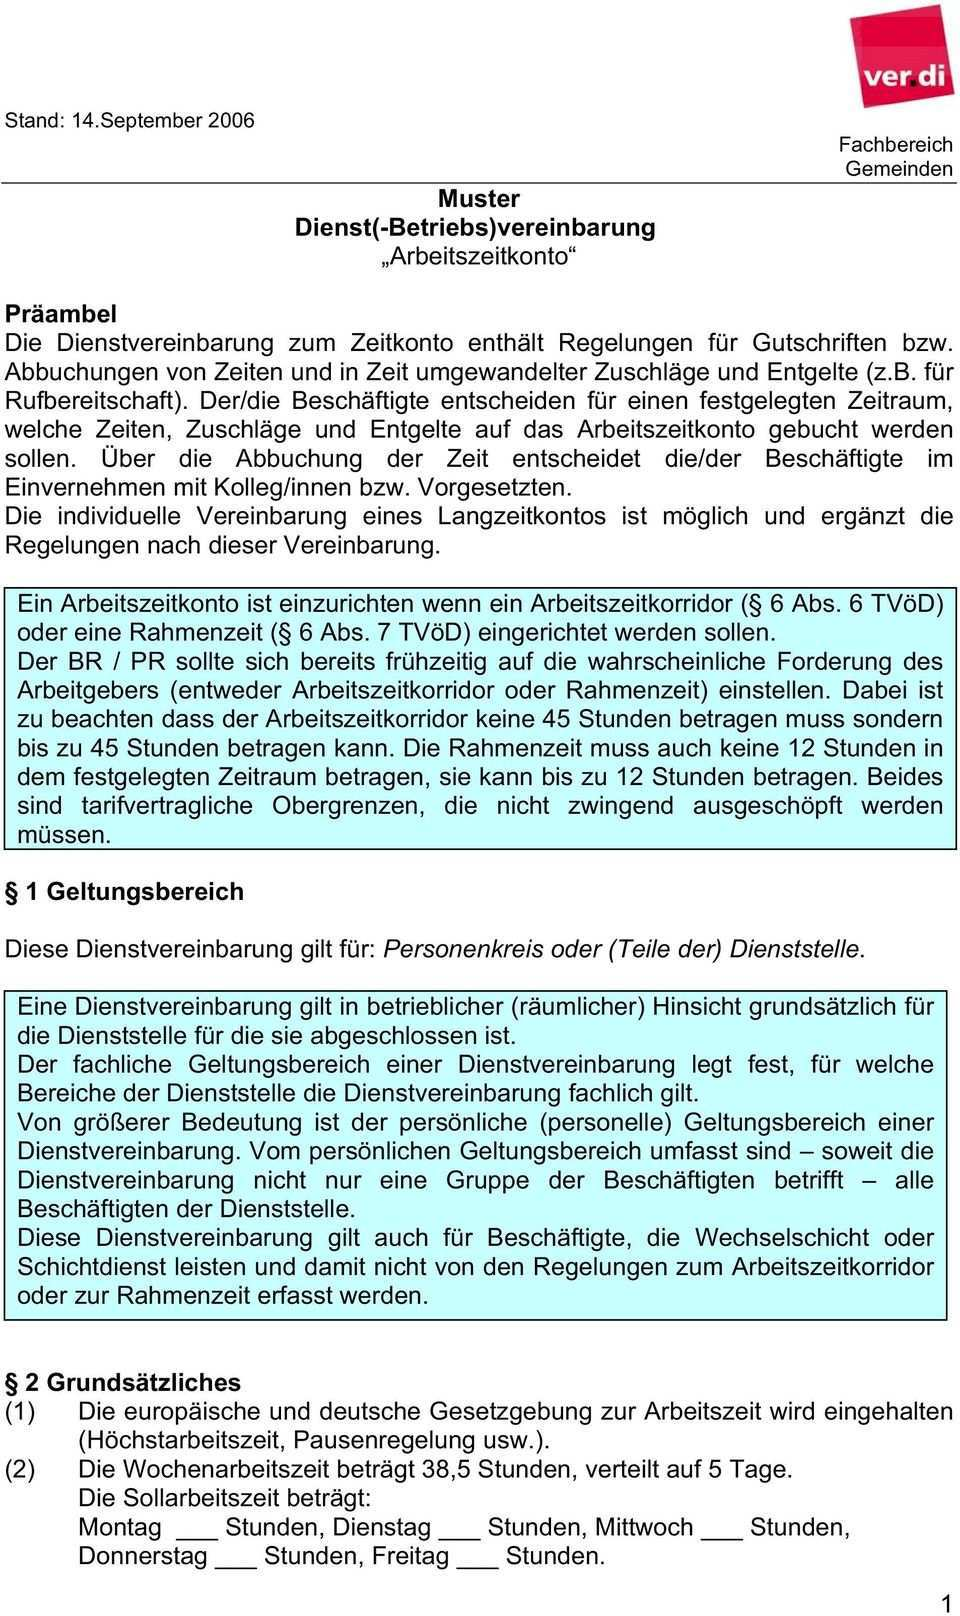 Muster Dienst Betriebs Vereinbarung Arbeitszeitkonto Pdf Free Download